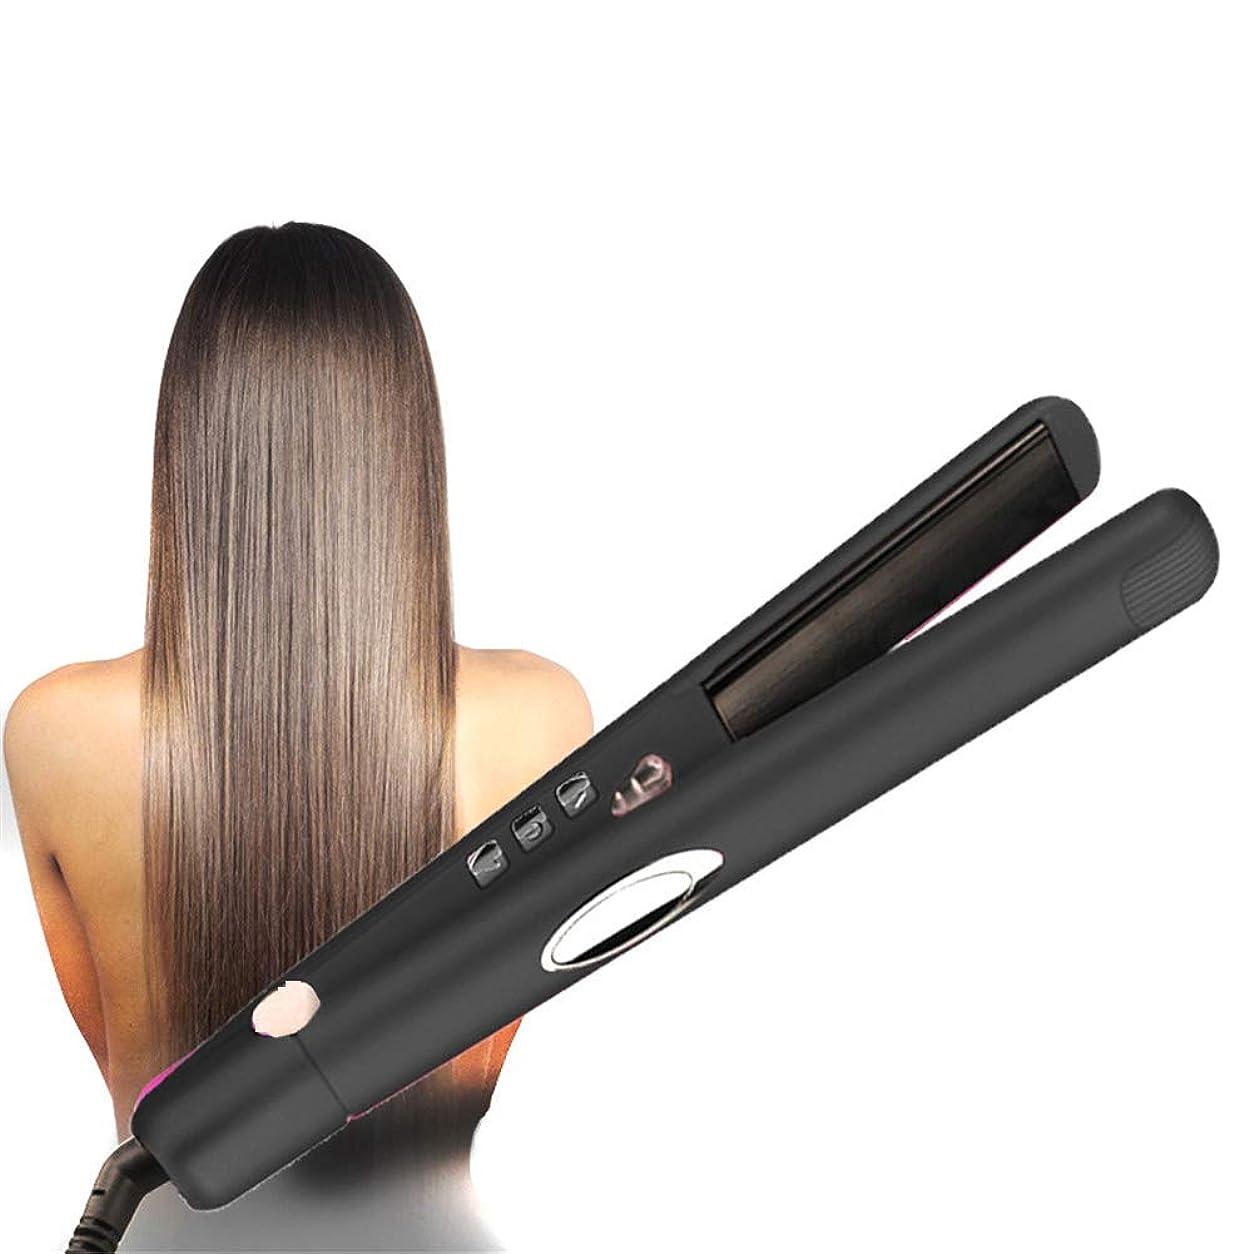 受けるその間静めるストレートヘアセラミックフラットアイロンデジタルディスプレイ付きストレートヘアスプリントデュアル電圧調節可能な温度自動シャットダウン,黒